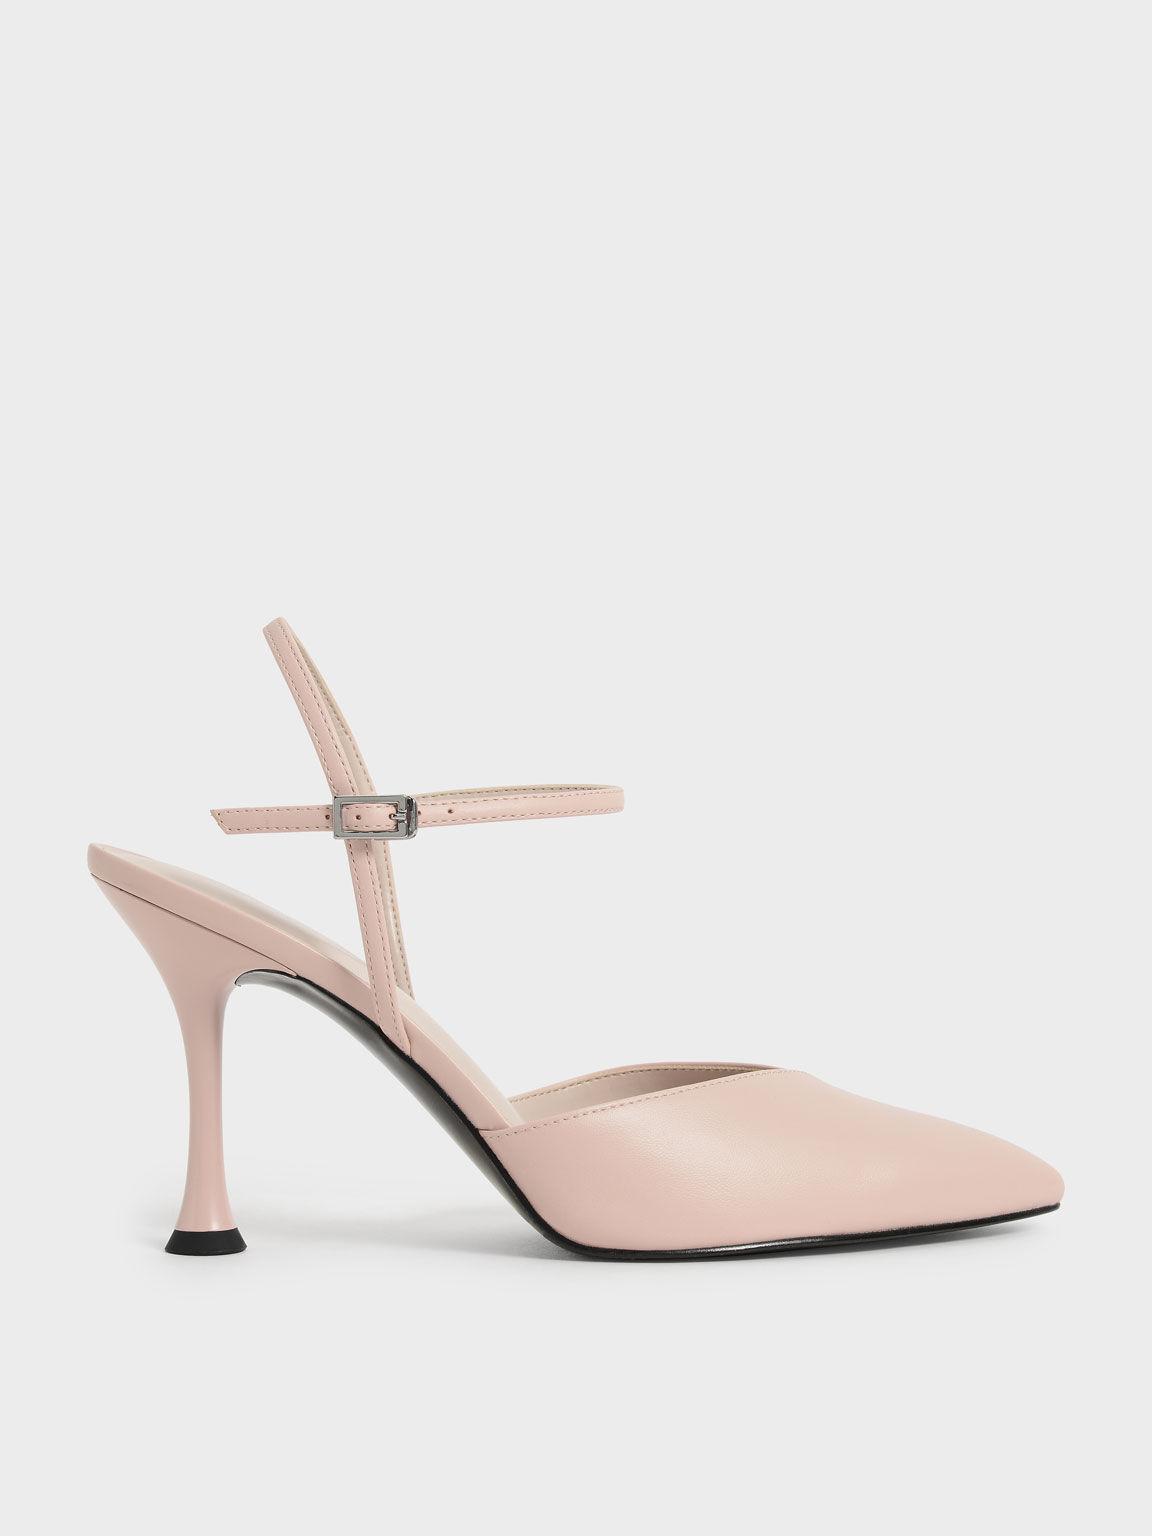 Sculptural Heel Ankle Strap Pumps, Nude, hi-res